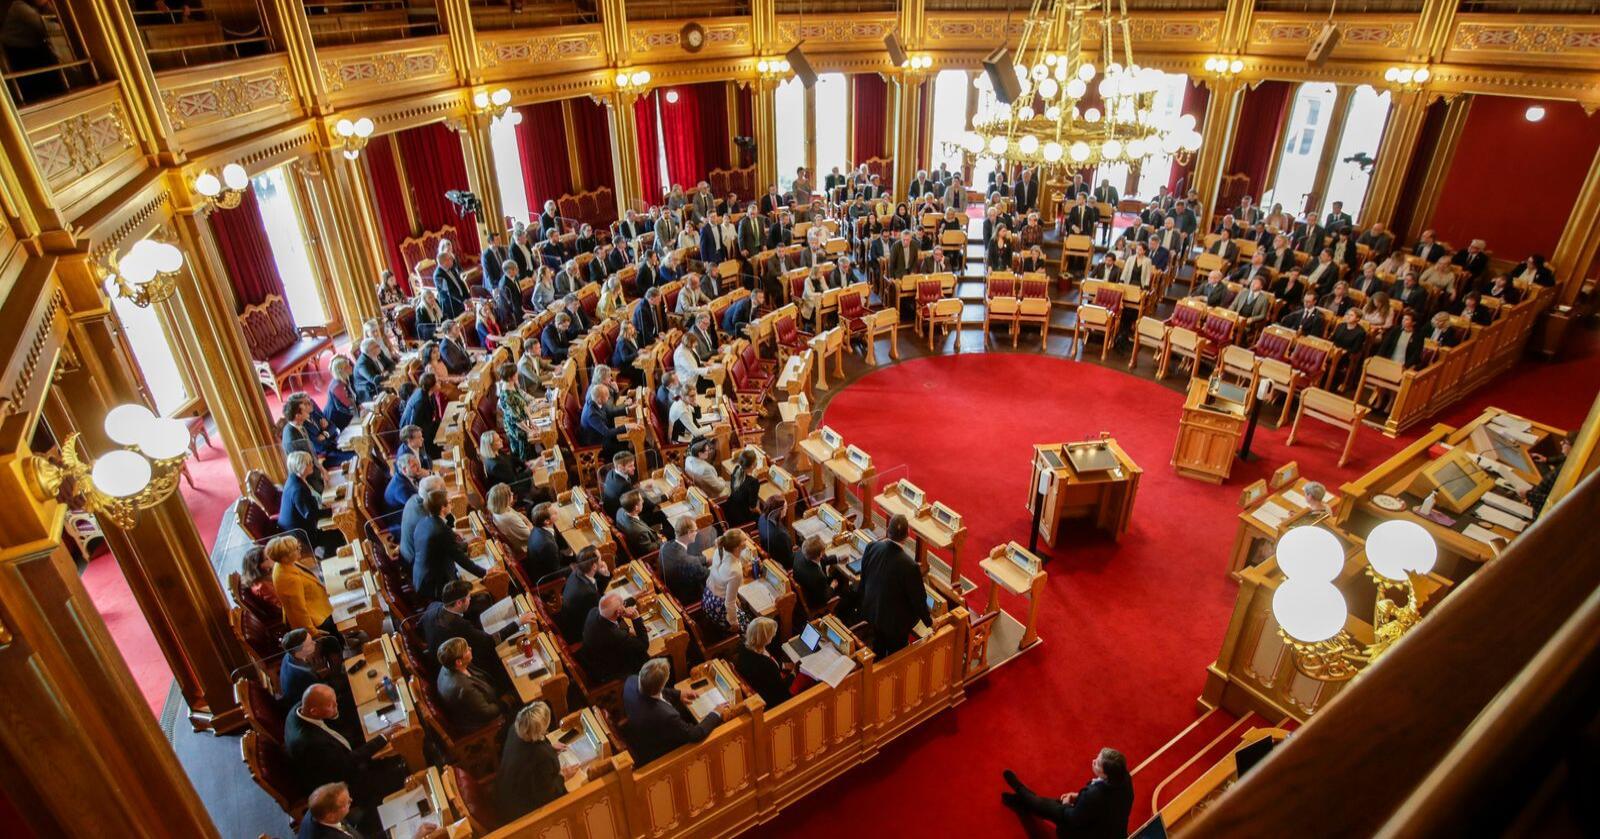 Både Stortinget og regjeringen får økt tillit i årets Tillitsbarometer. Foto: Vidar Ruud / NTB scanpix